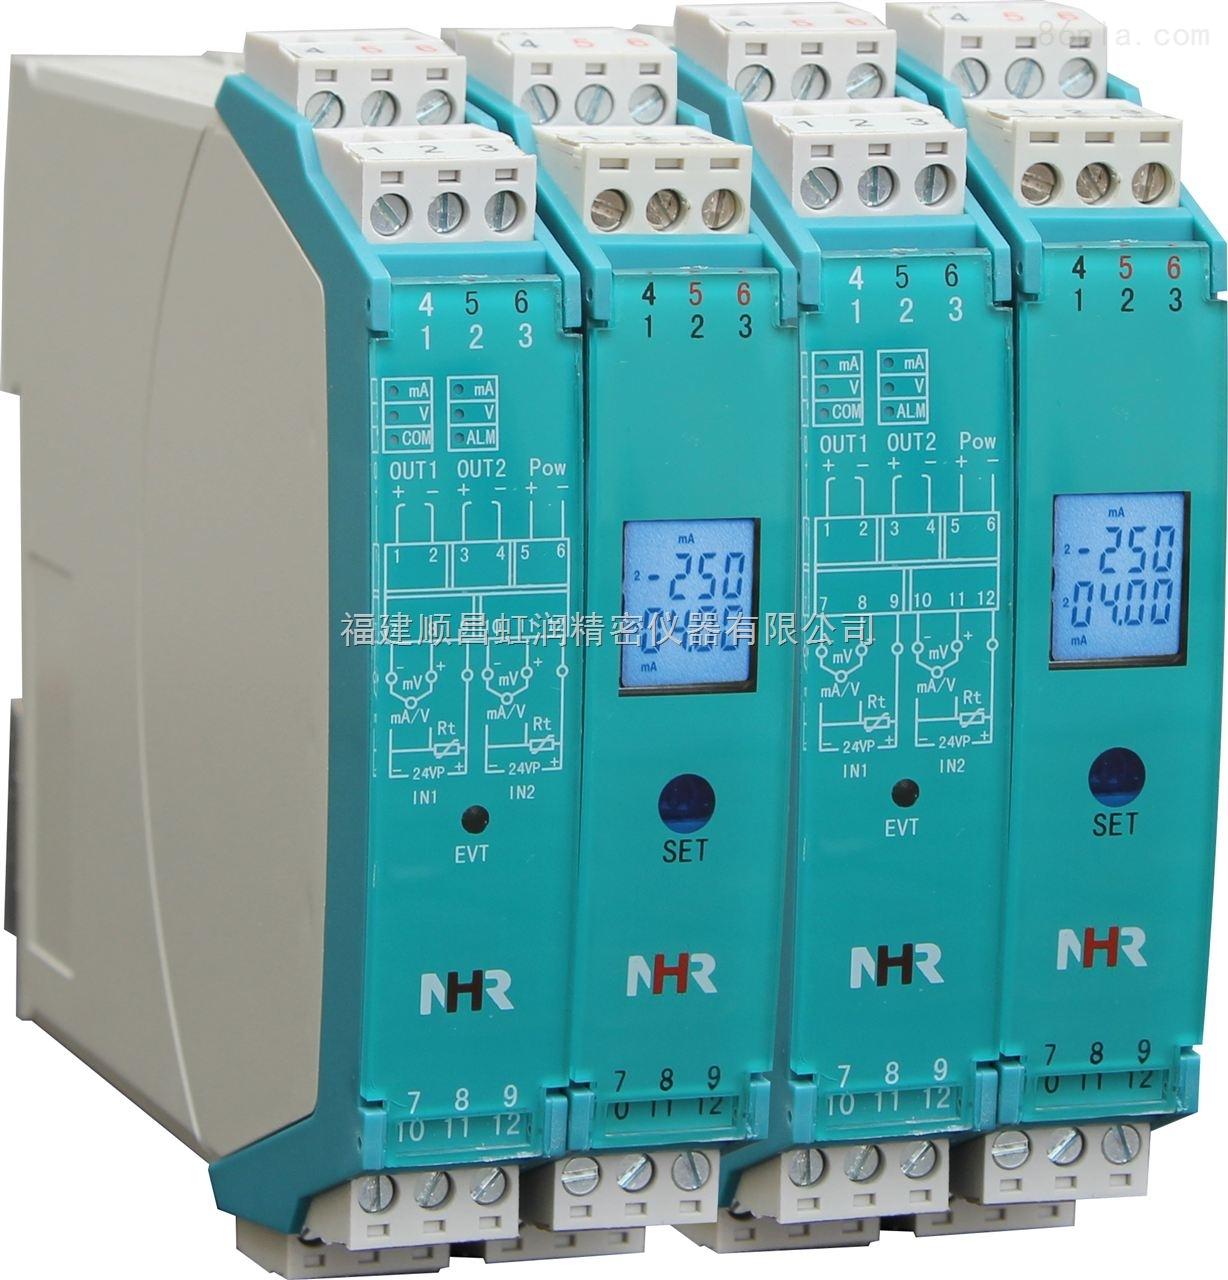 虹润NHR-M38系列智能高速隔离器